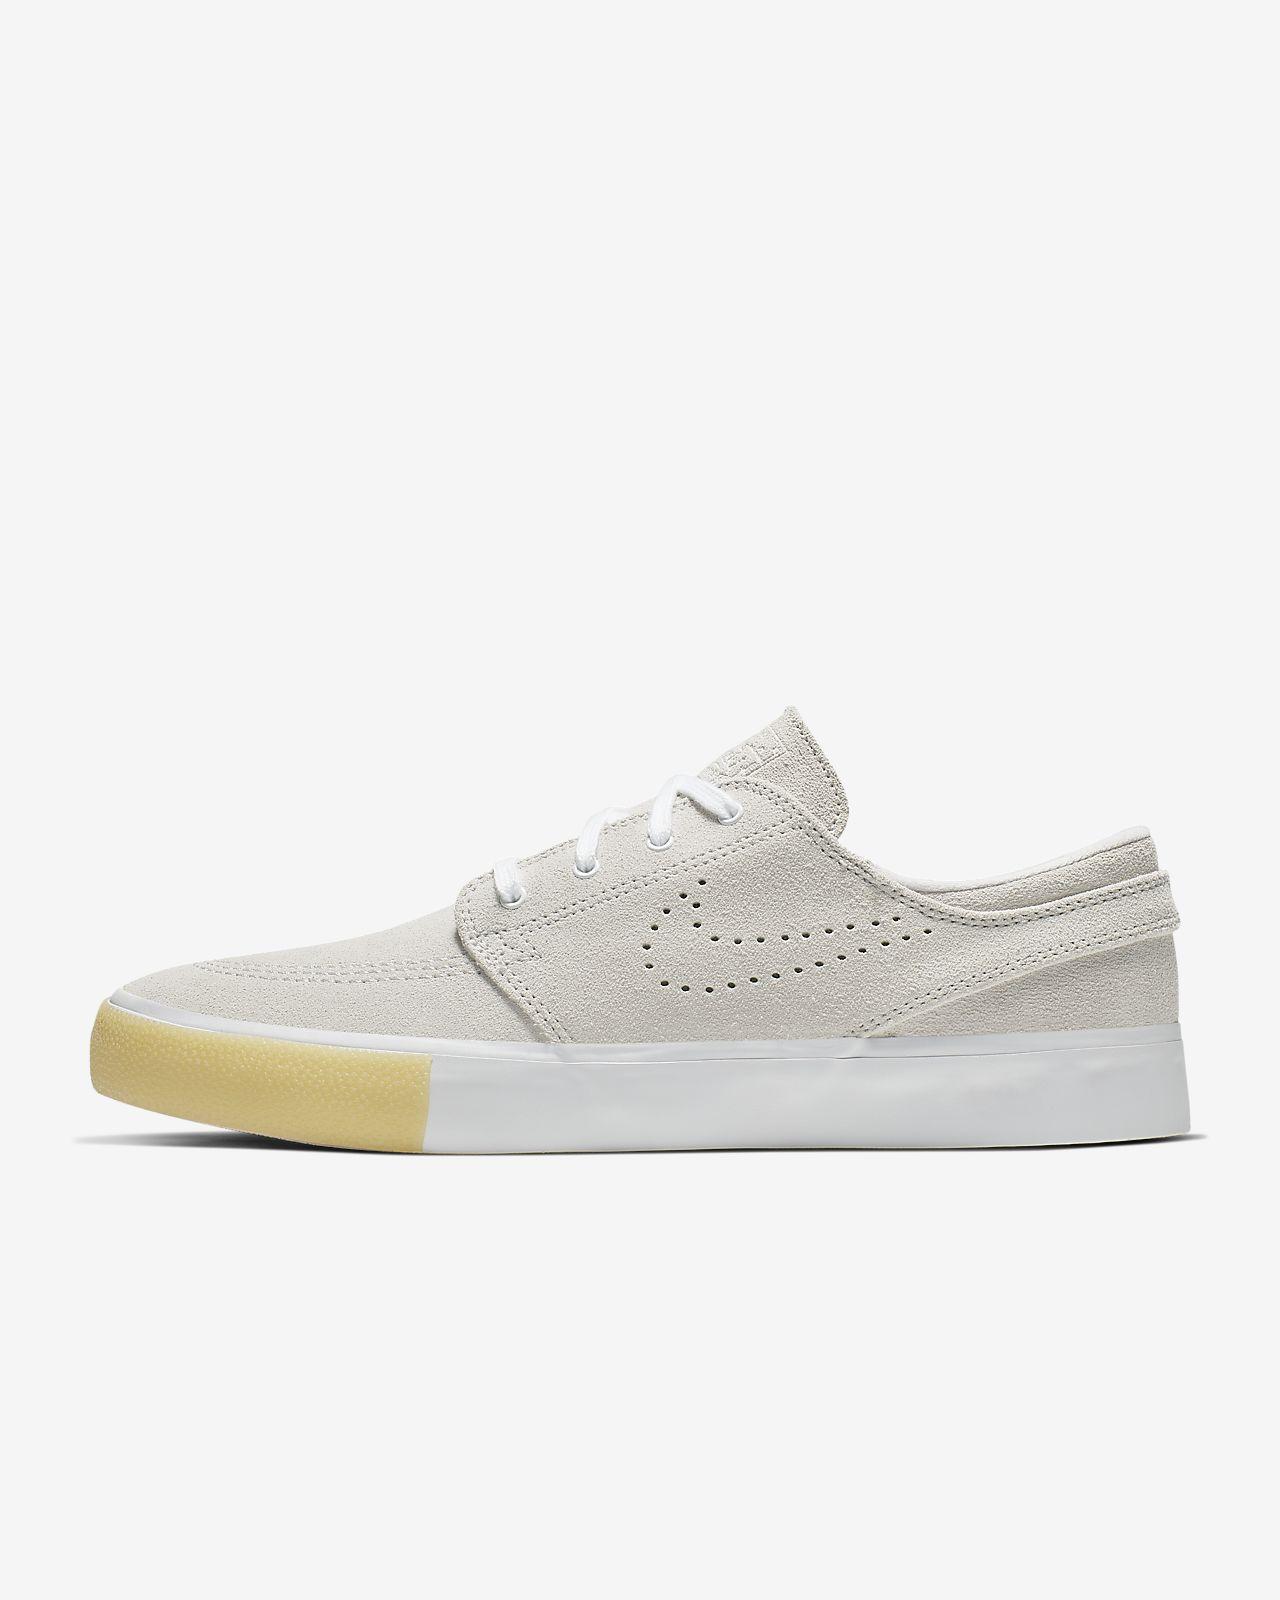 Nike SB Zoom Stefan Janoski RM SE Kaykay Ayakkabısı